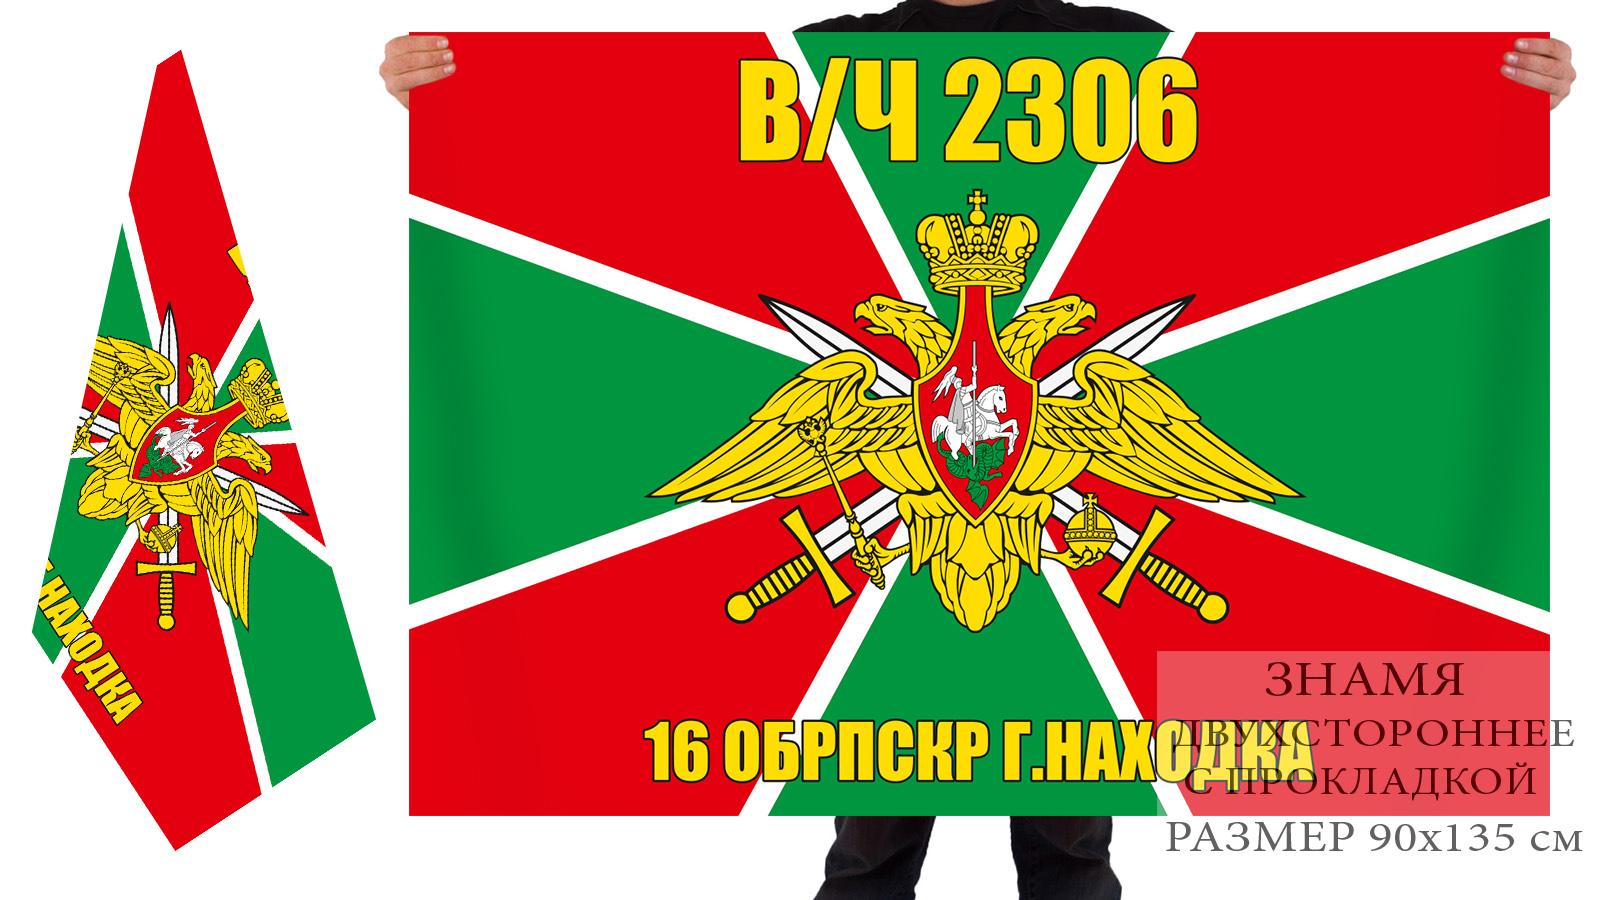 Заказать большой флаг 16 ОБПСКР в/ч 2306 Находка